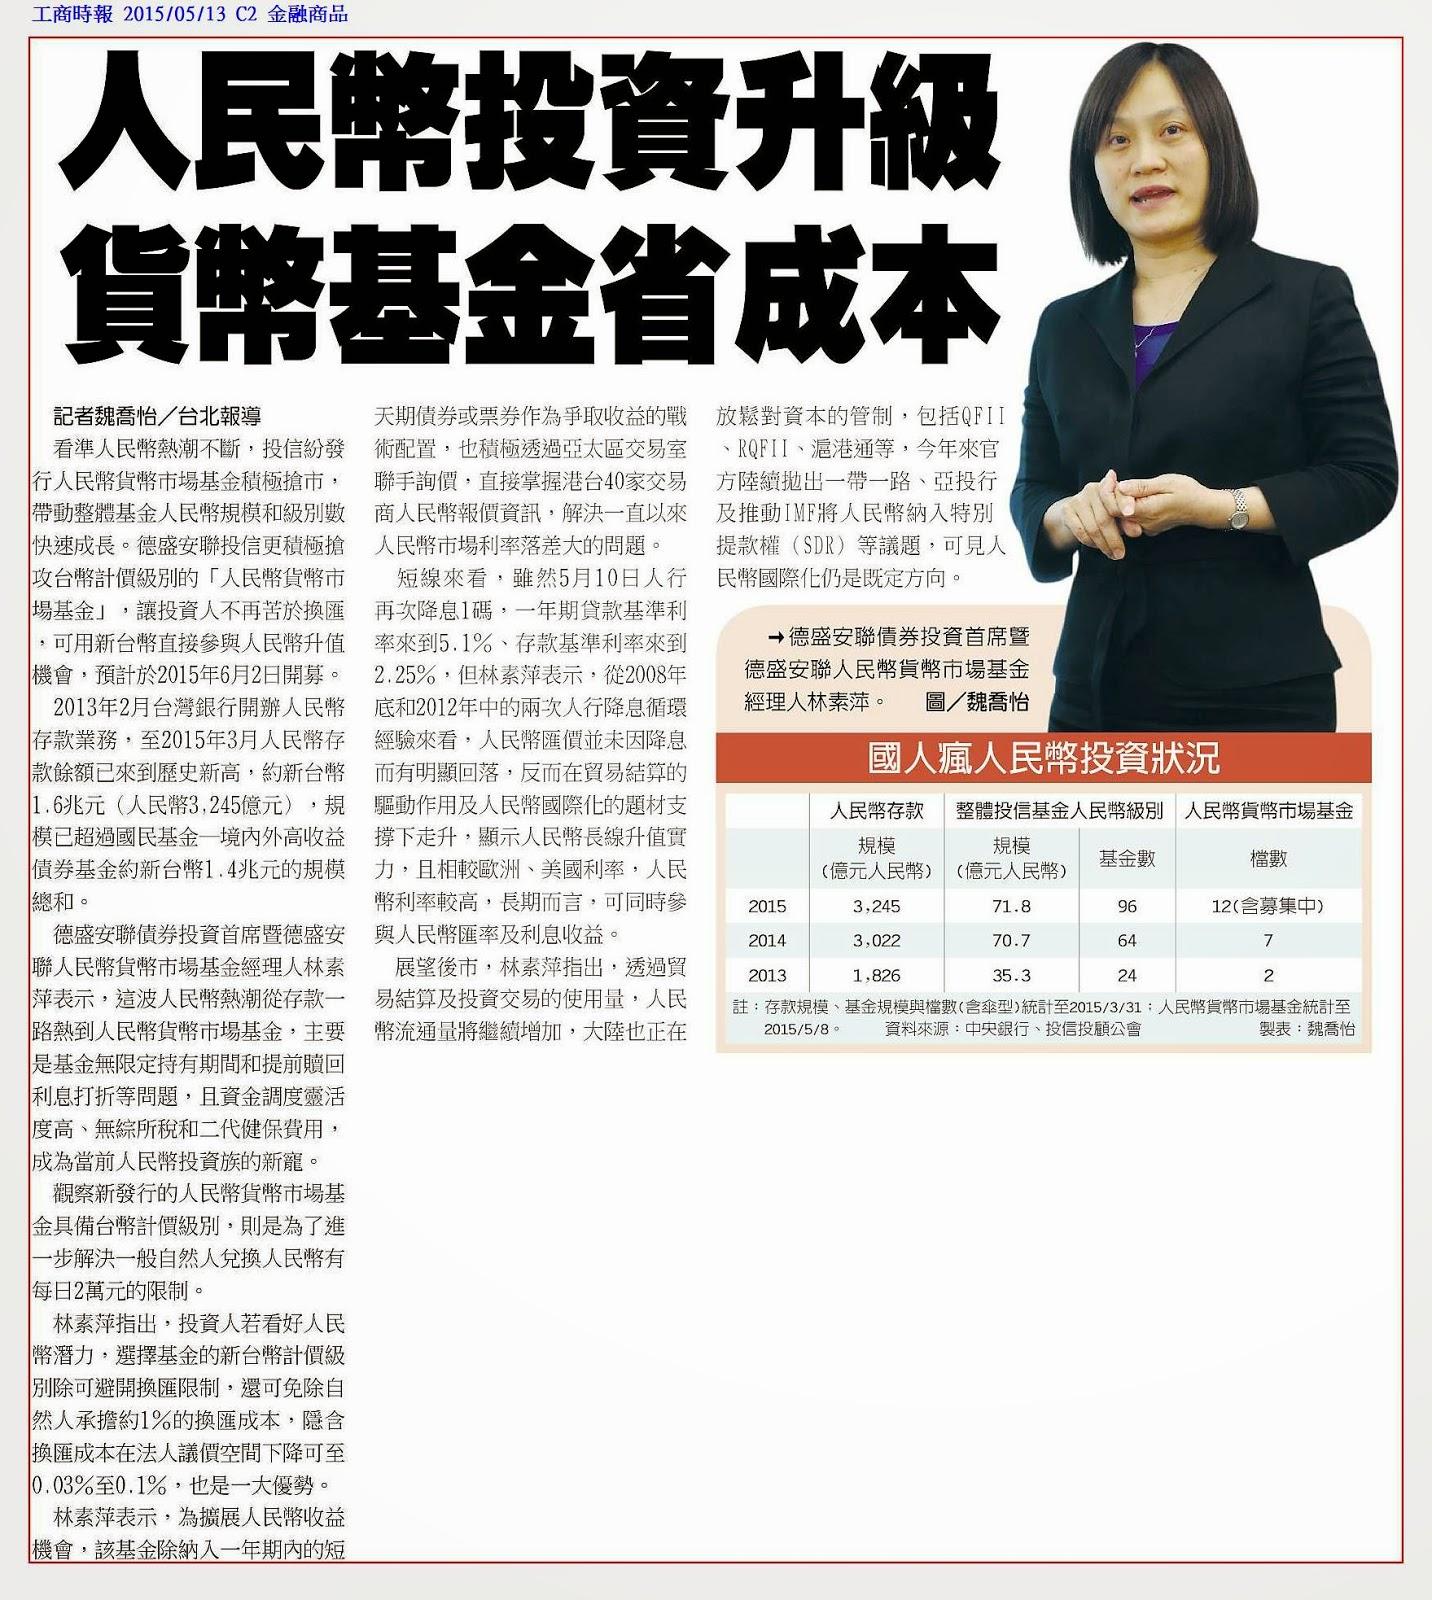 基金新聞氣象臺: 人民幣投資升級 貨幣基金省成本